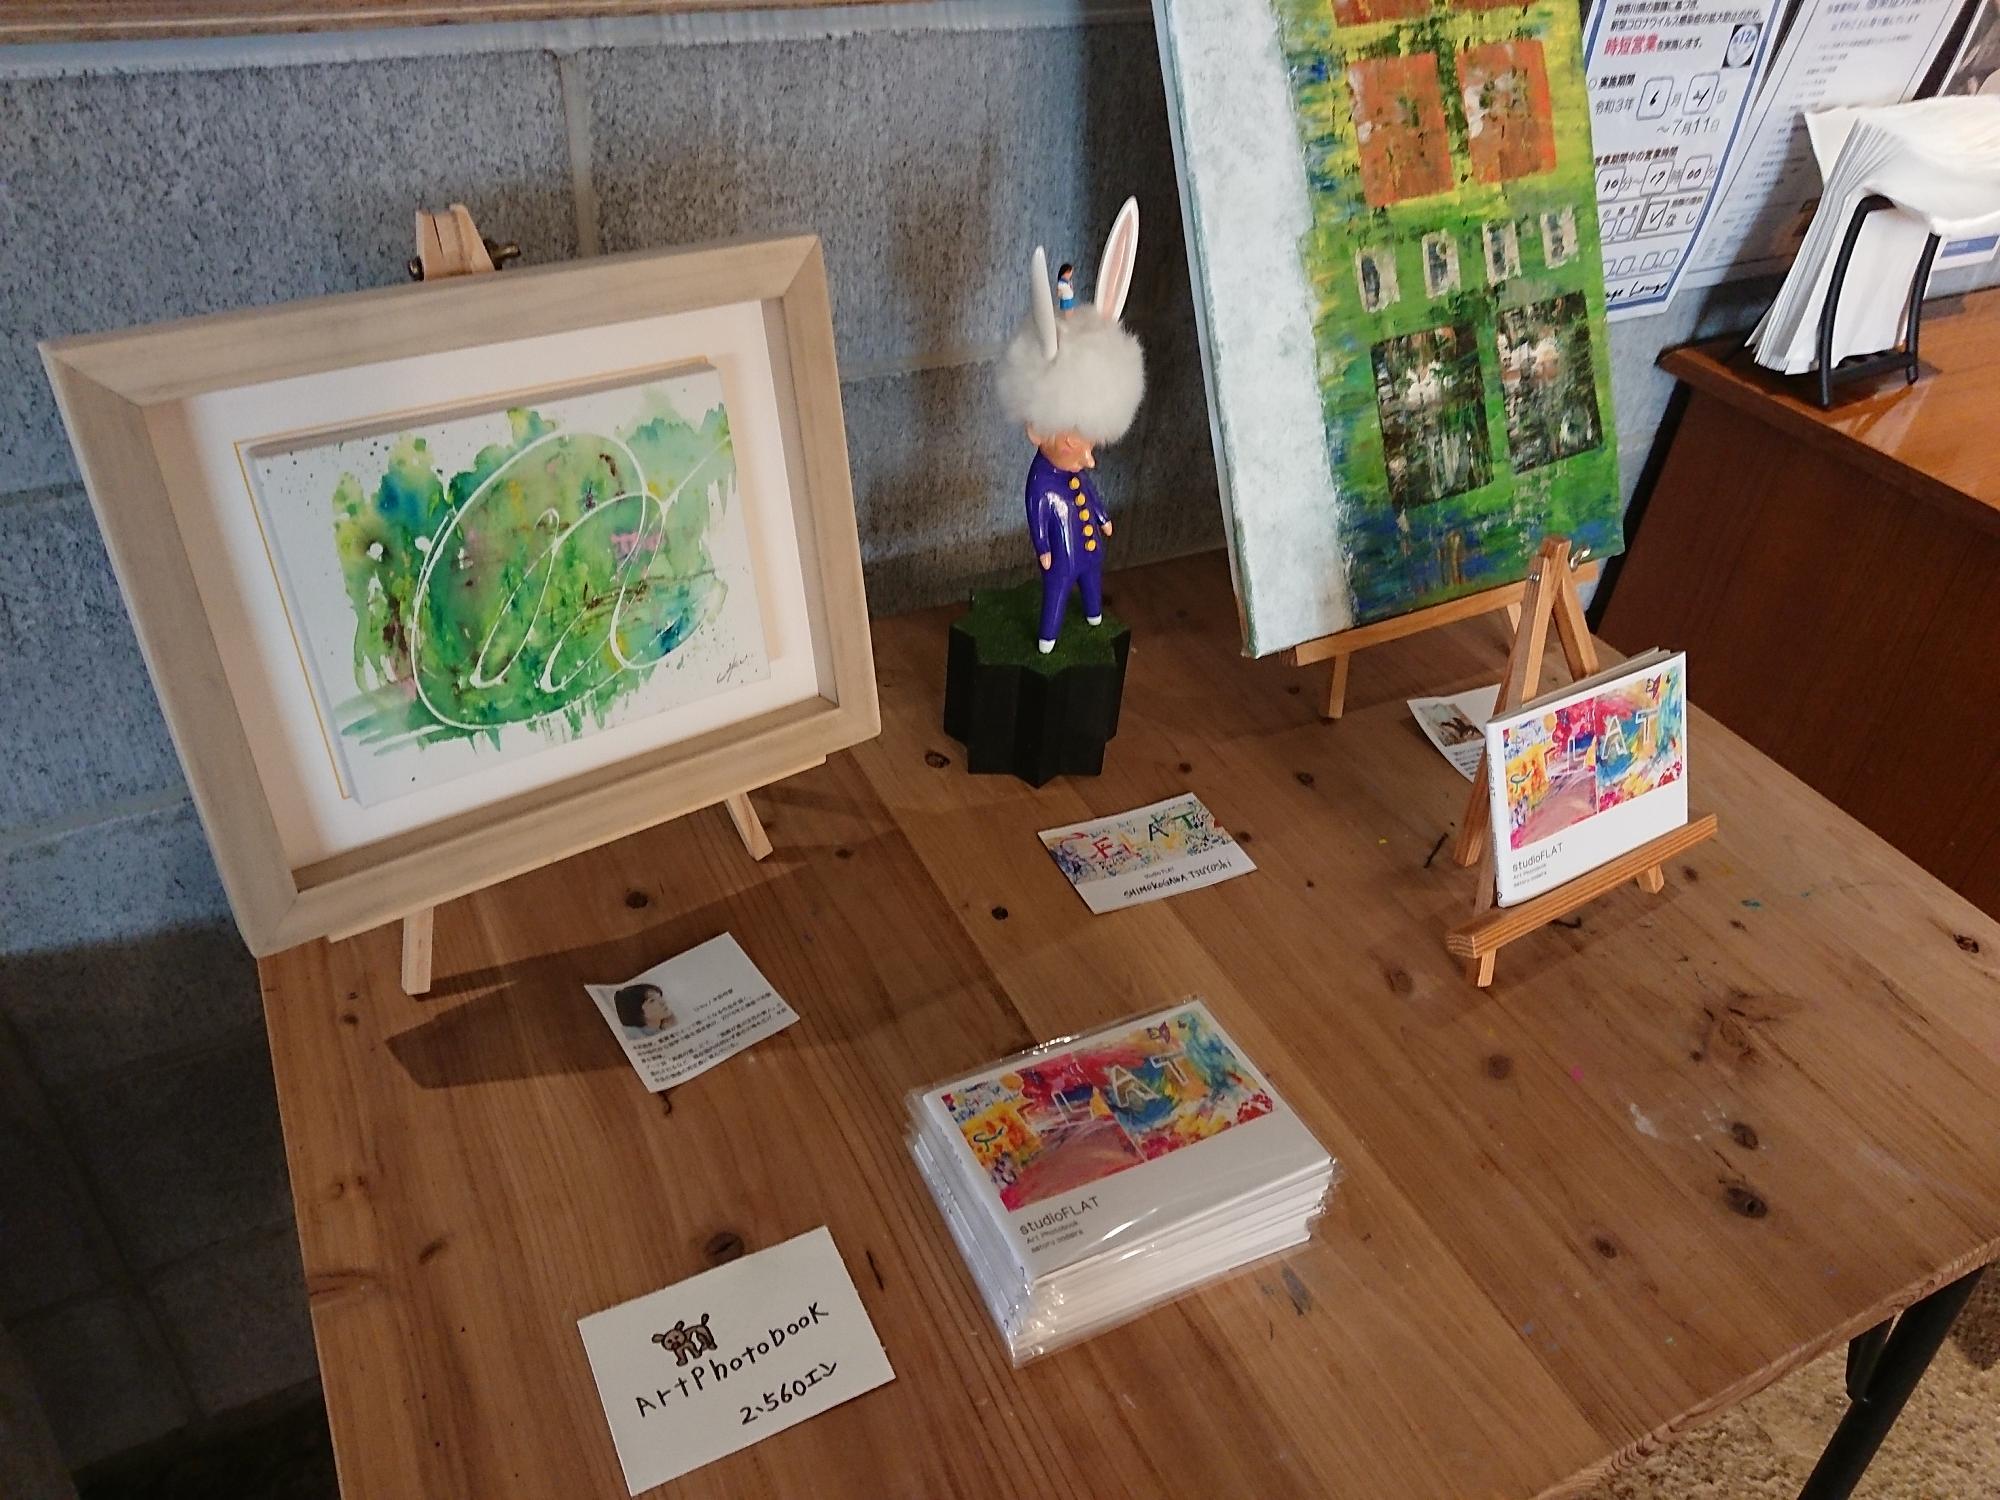 CHILLの店内にアート作品が飾られています。